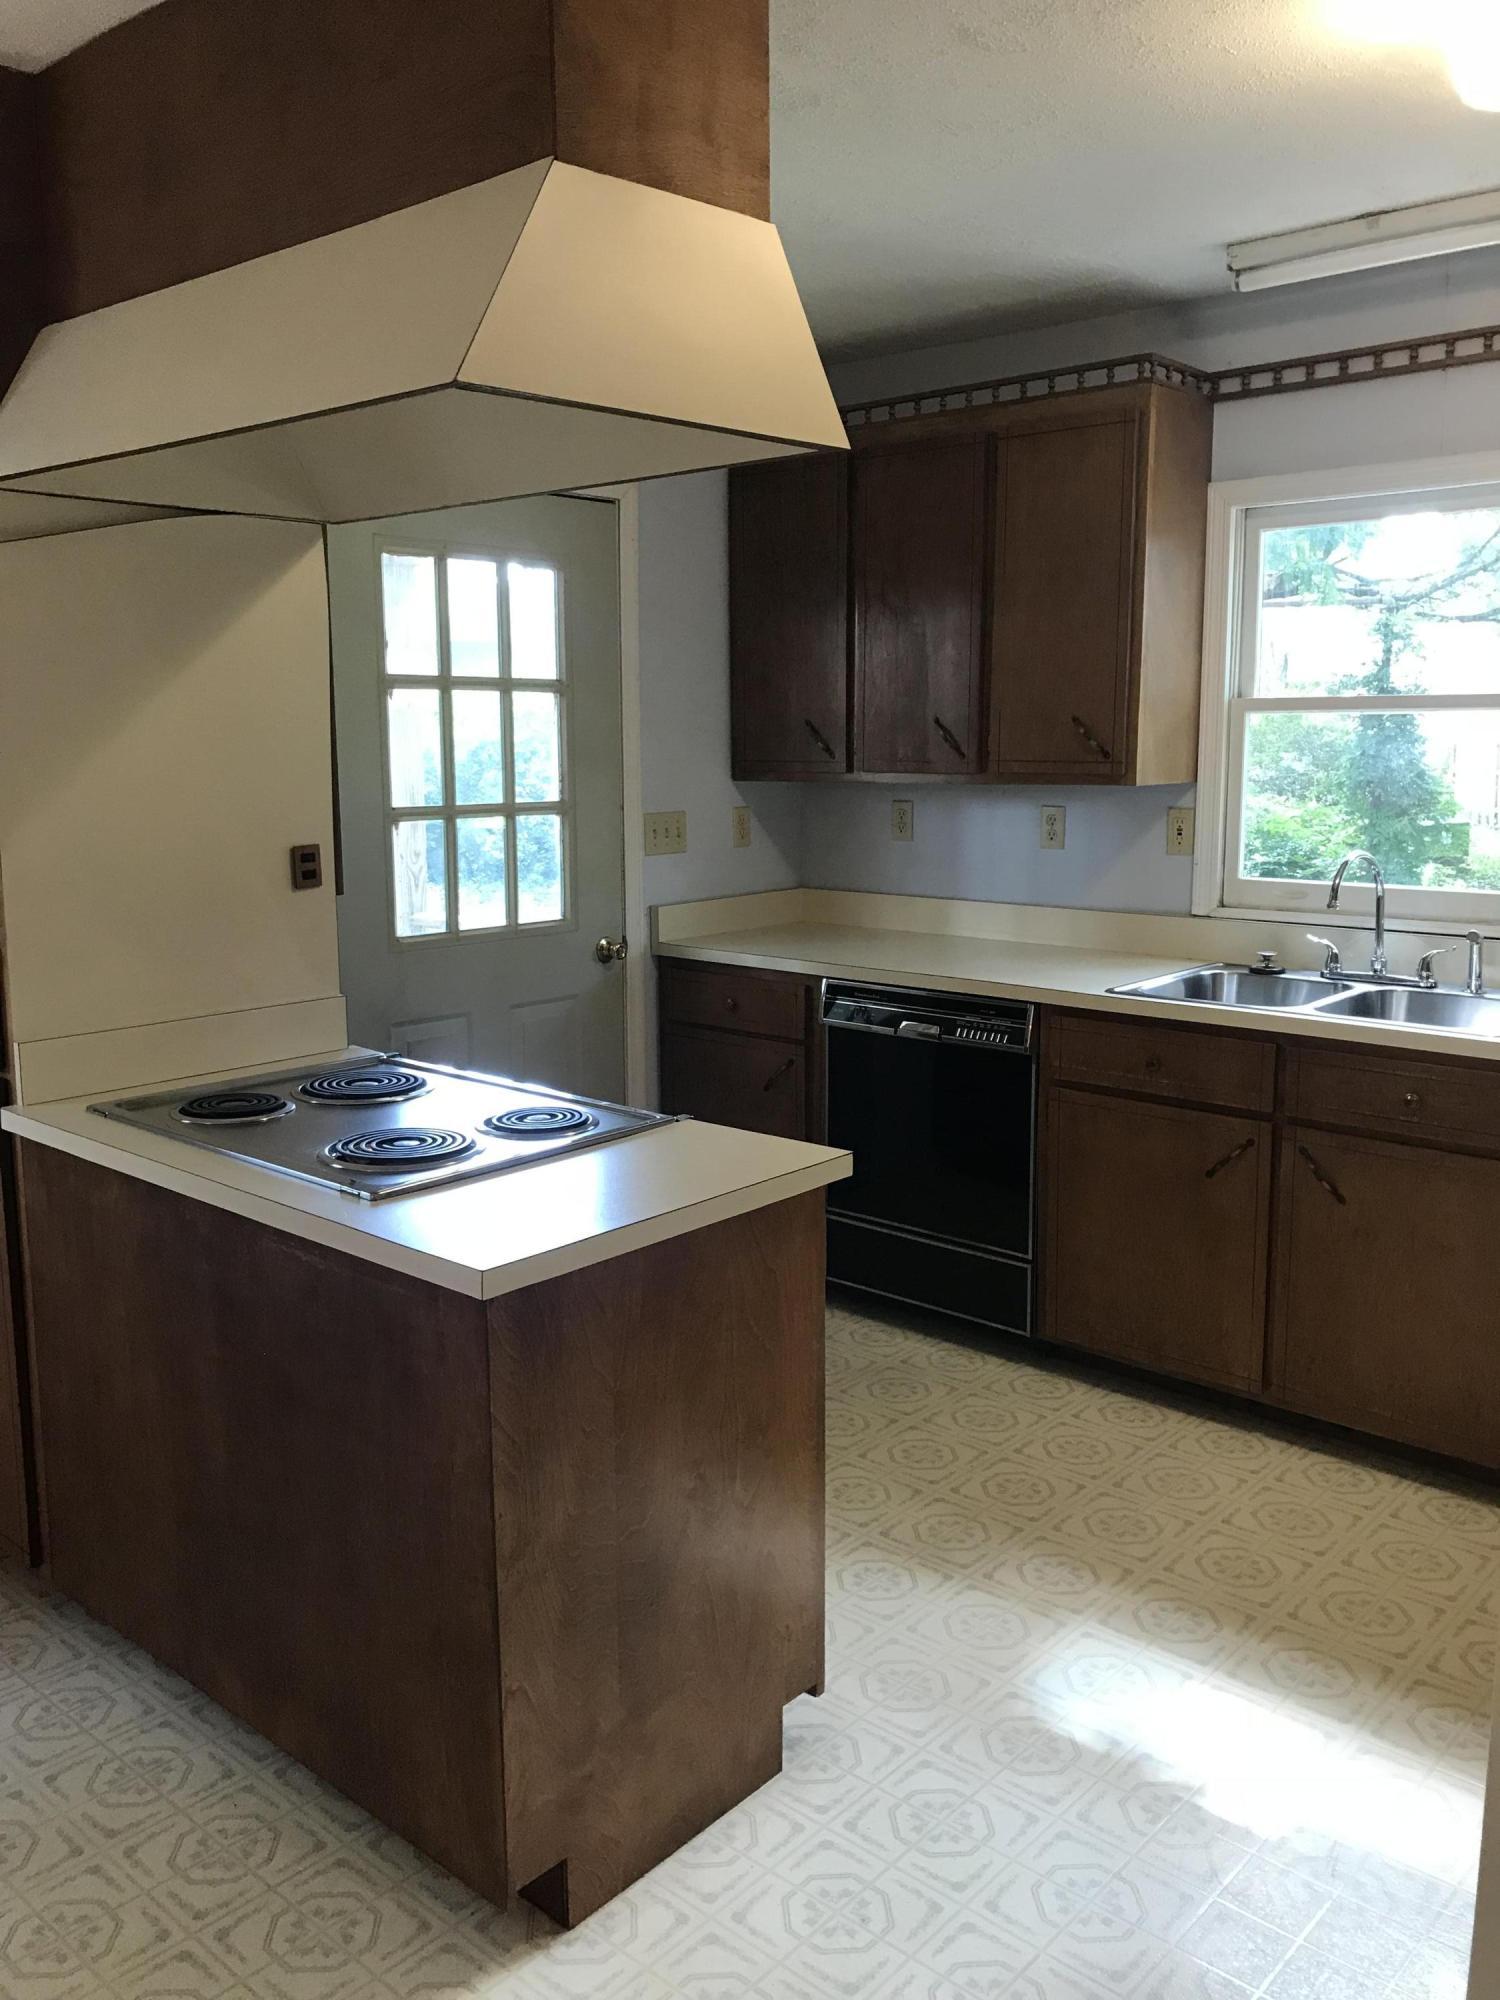 St James Estates Homes For Sale - 103 Westminster, Goose Creek, SC - 75